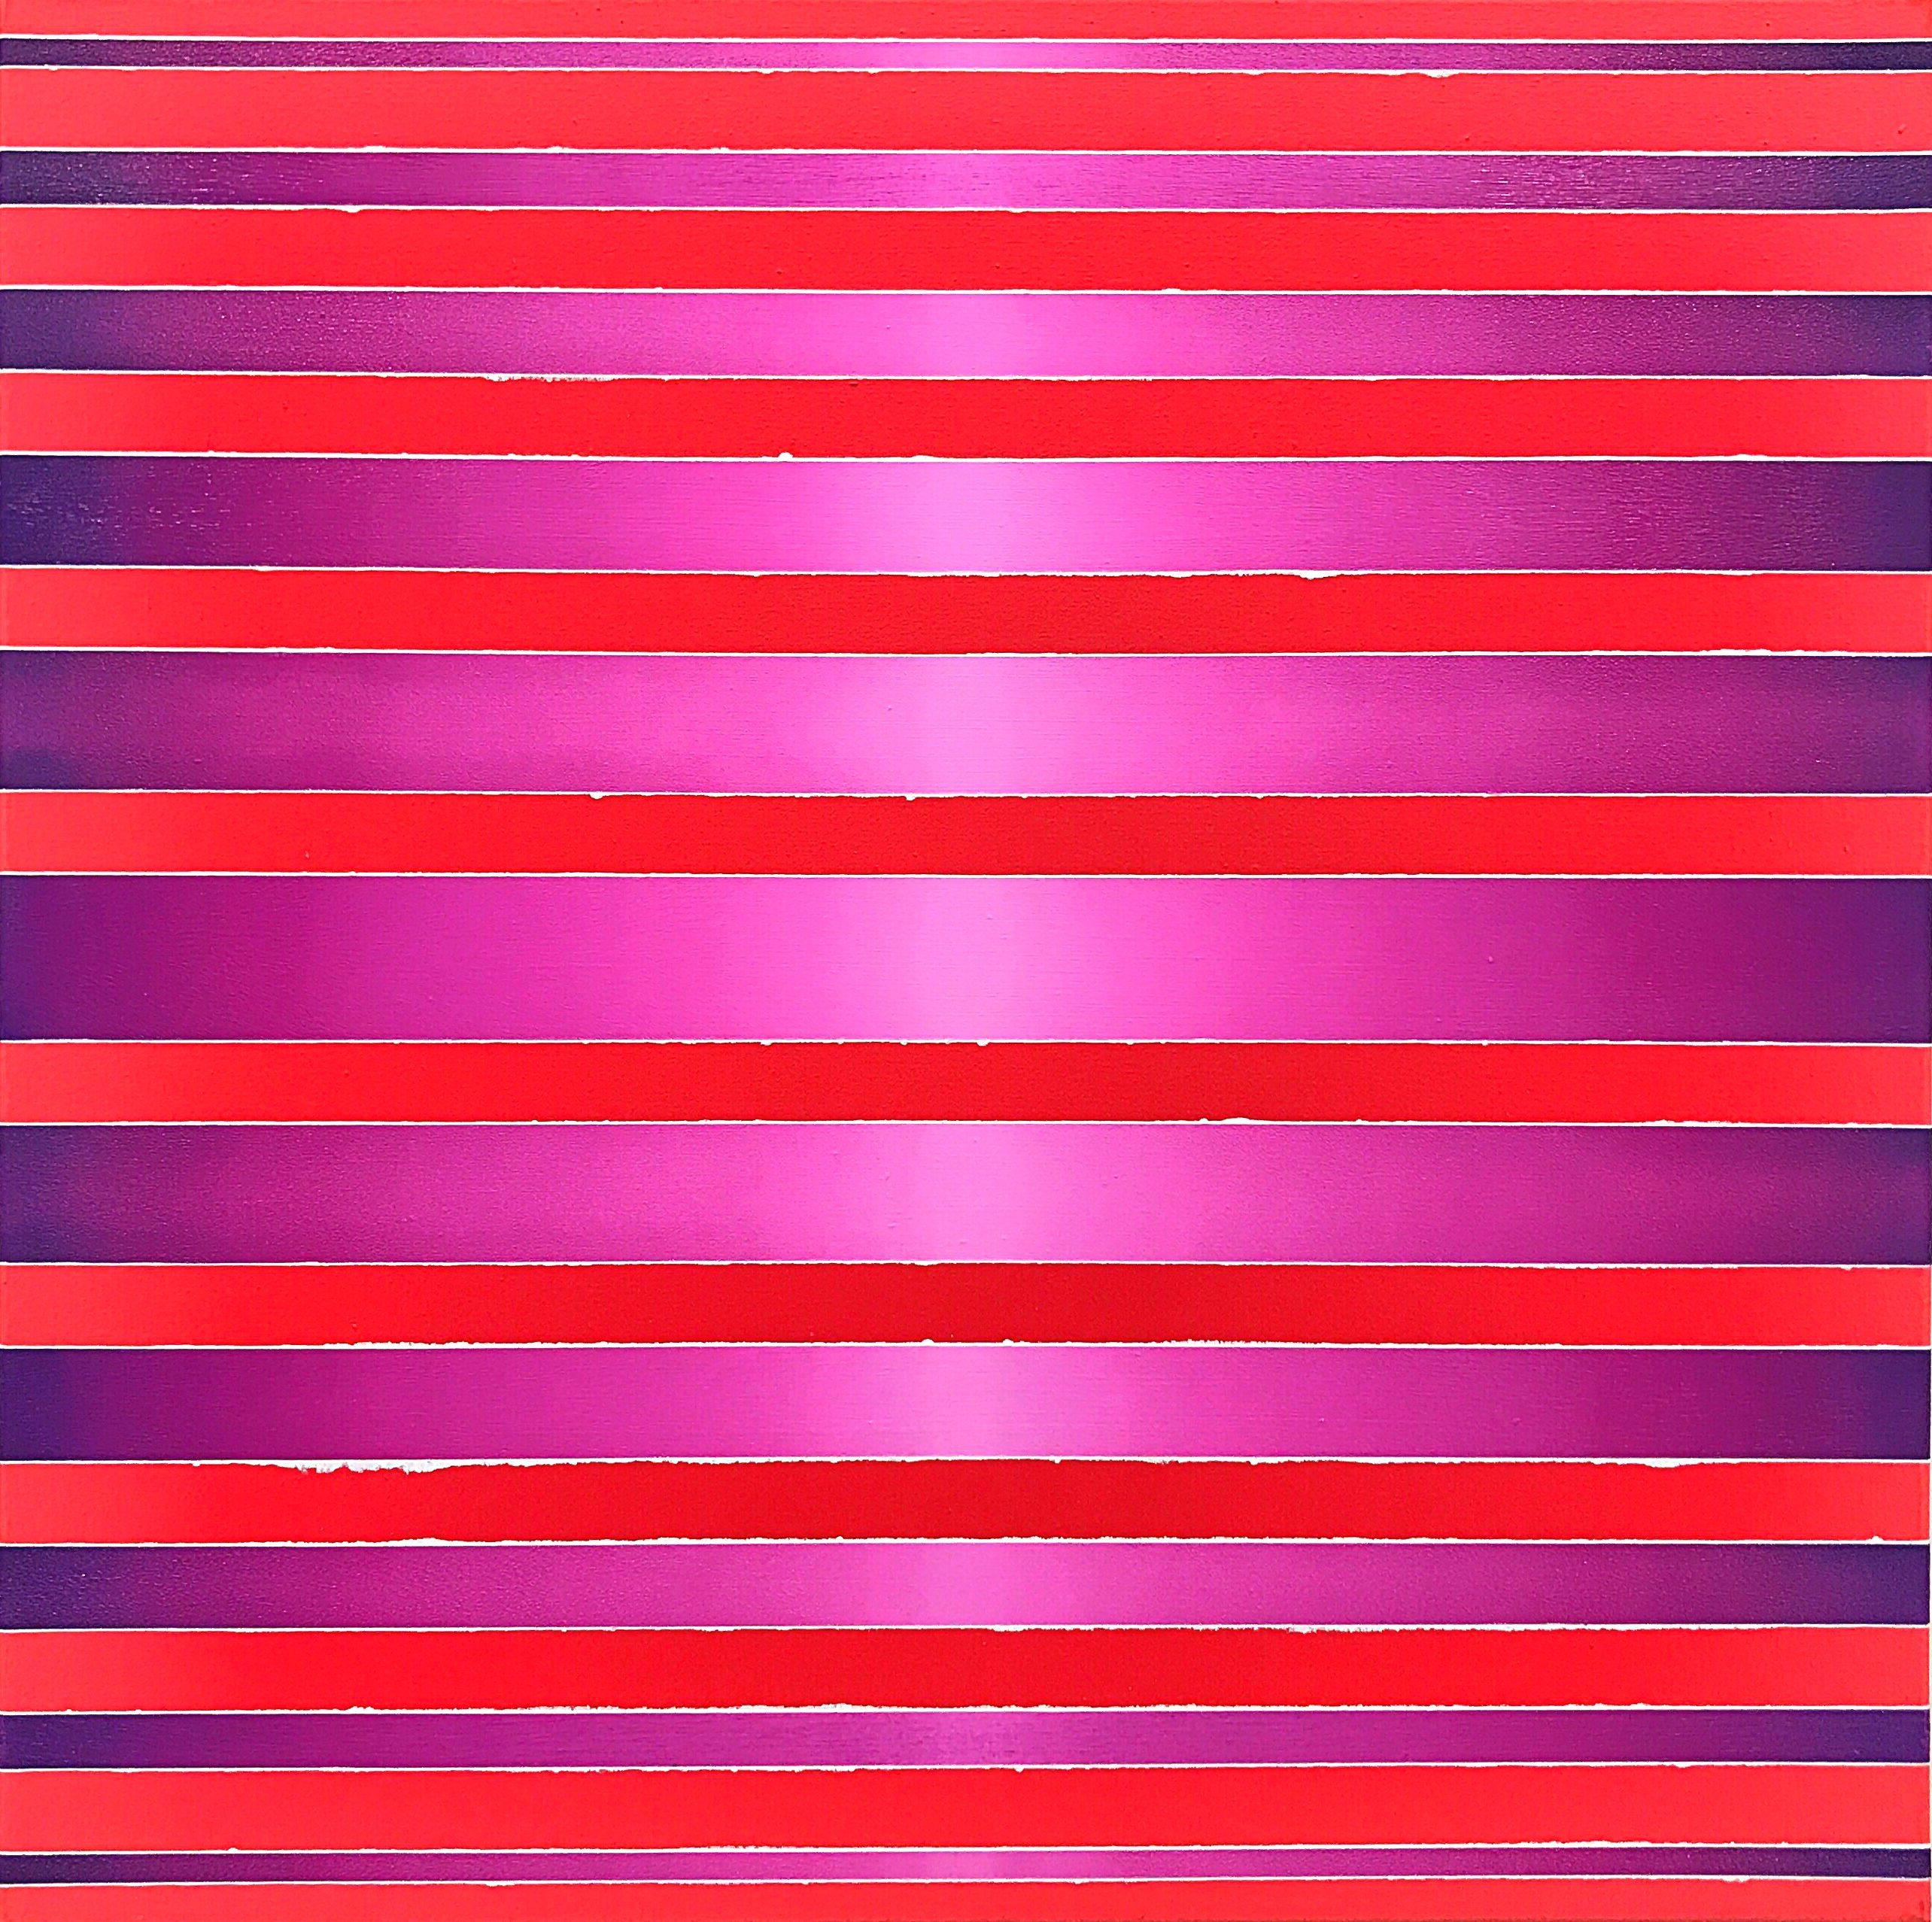 WAHRNEHMUNGSSTREIFEN 08 Canvas  70 x 70 x 2 cm  Acrylic Oil on canvas